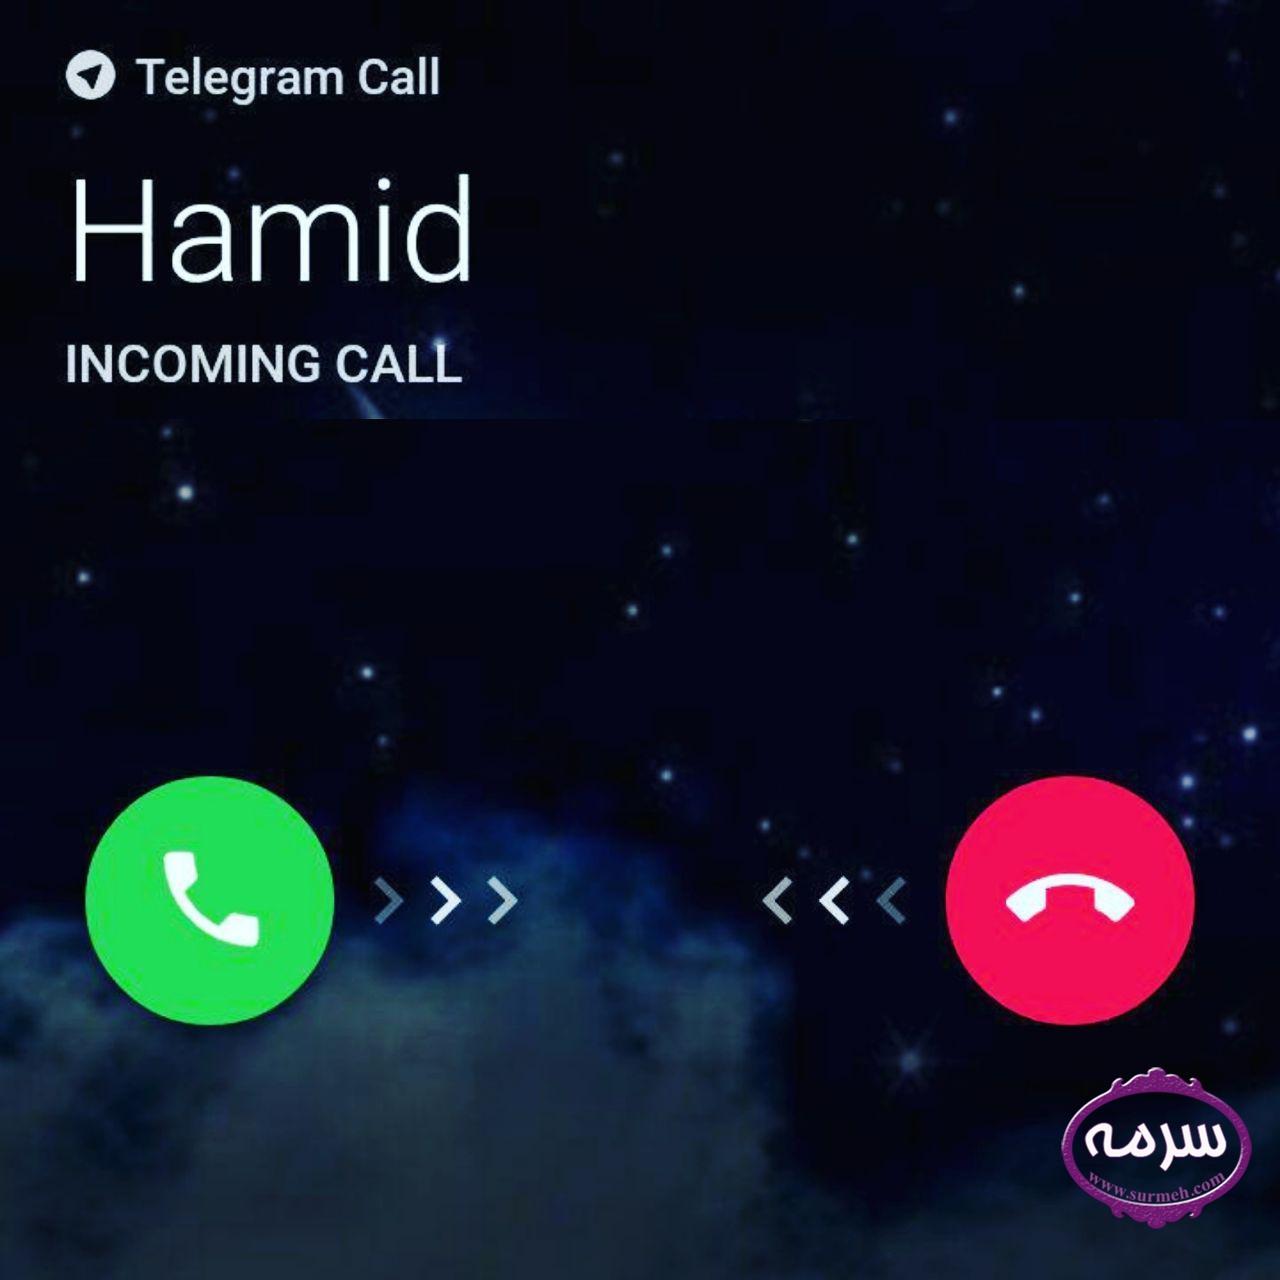 طریقه تماس صوتی با تلگرام در ایران + عکس